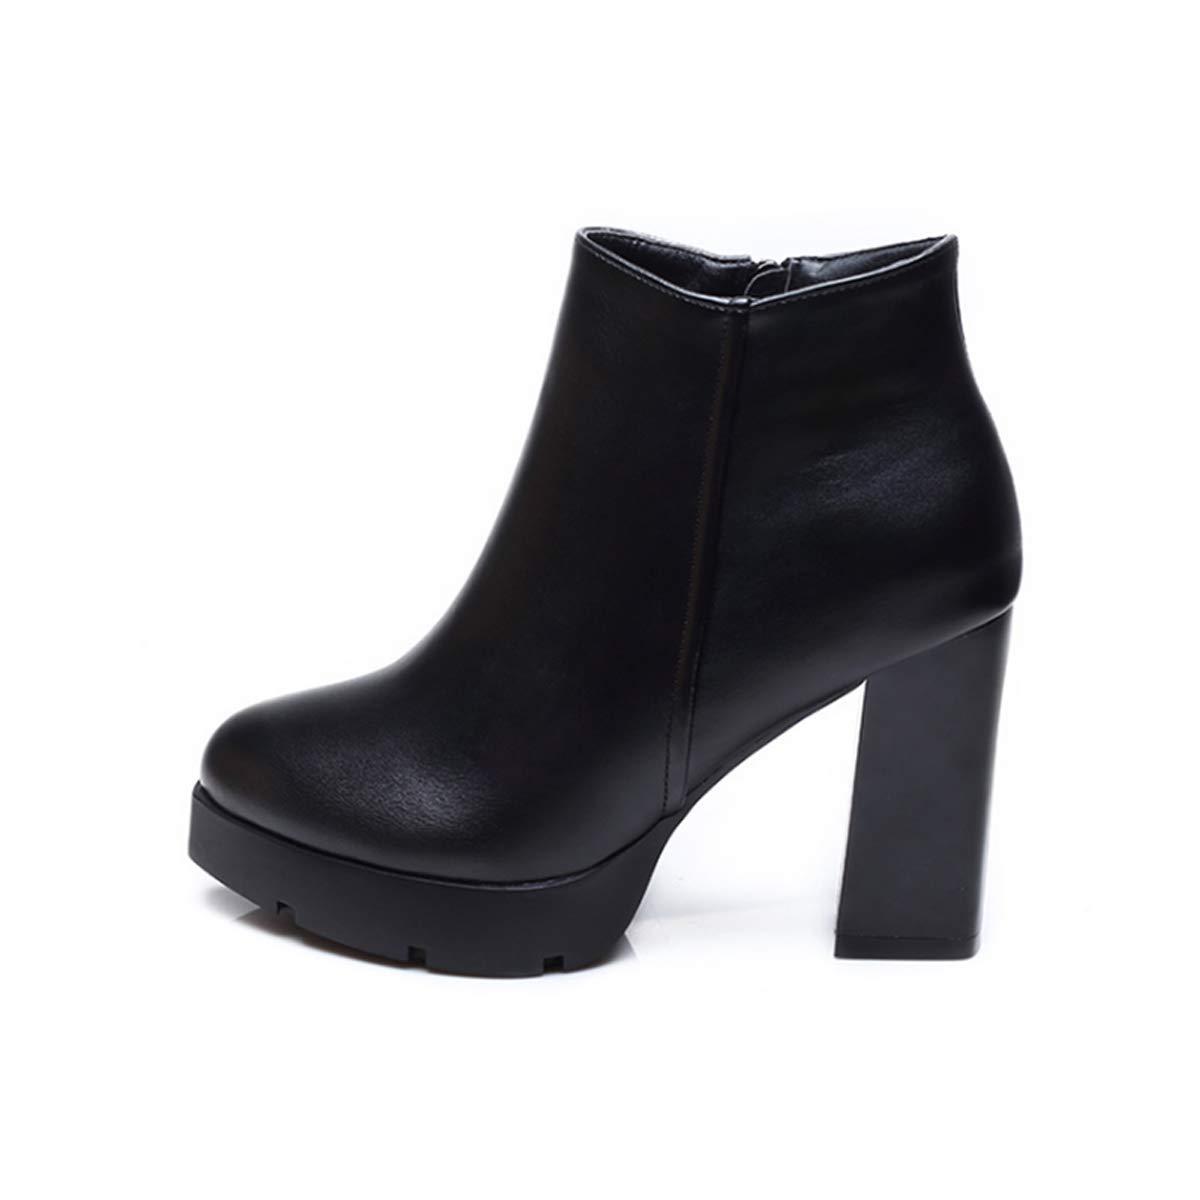 HBDLH Damenschuhe/Martin Stiefel, Meine Damen, High Heels, Kurze Stiefel, Mit Stiefeln, Damen - Stiefel und Stiefeletten, Damen - Schuhe 9Cm